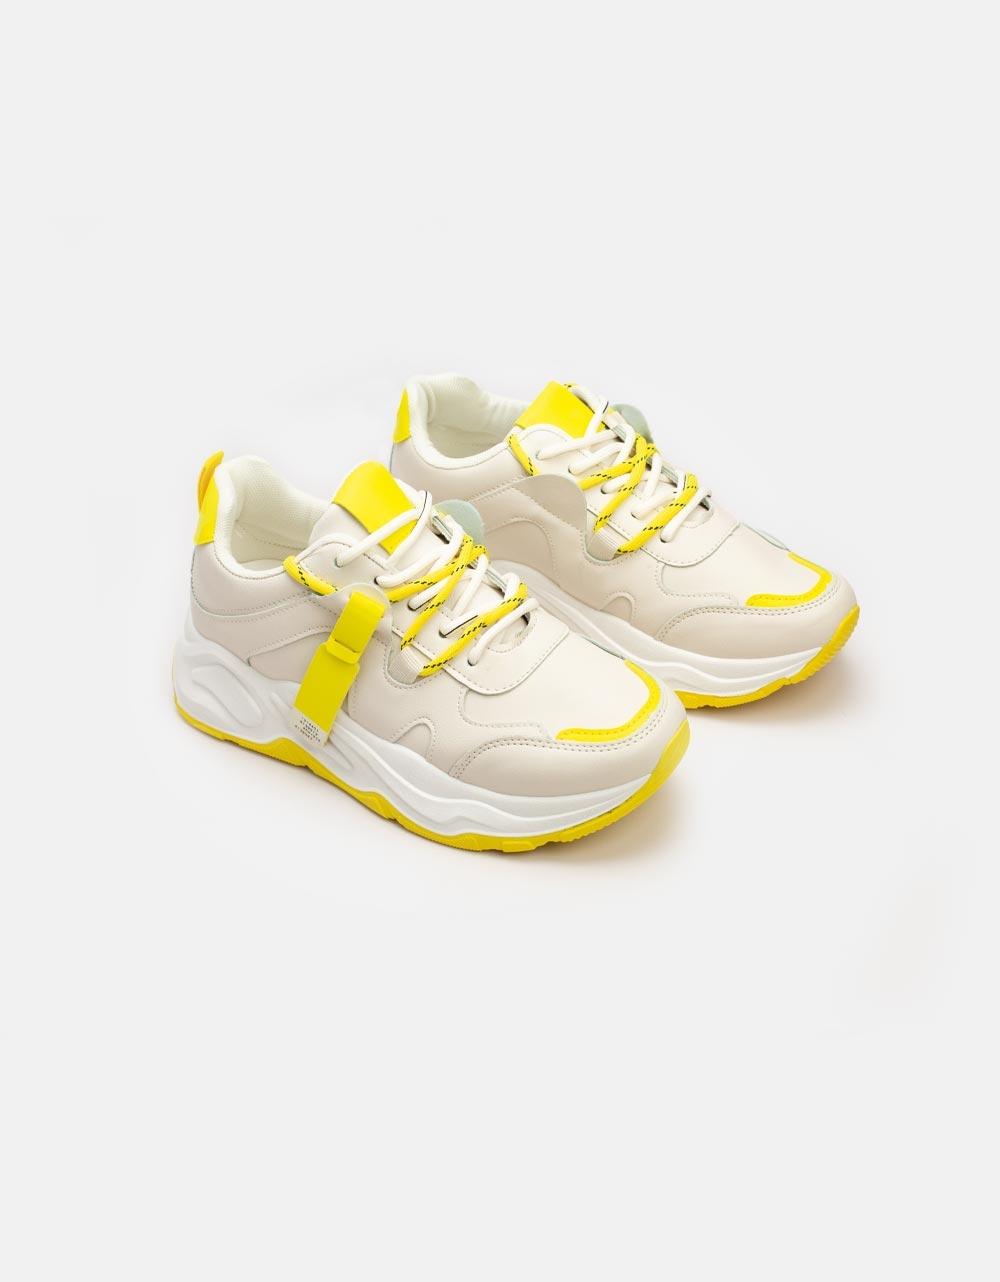 Εικόνα από Γυναικεία sneakers με ανάγλυφες λεπτομέρειες Μπέζ/Κίτρινο